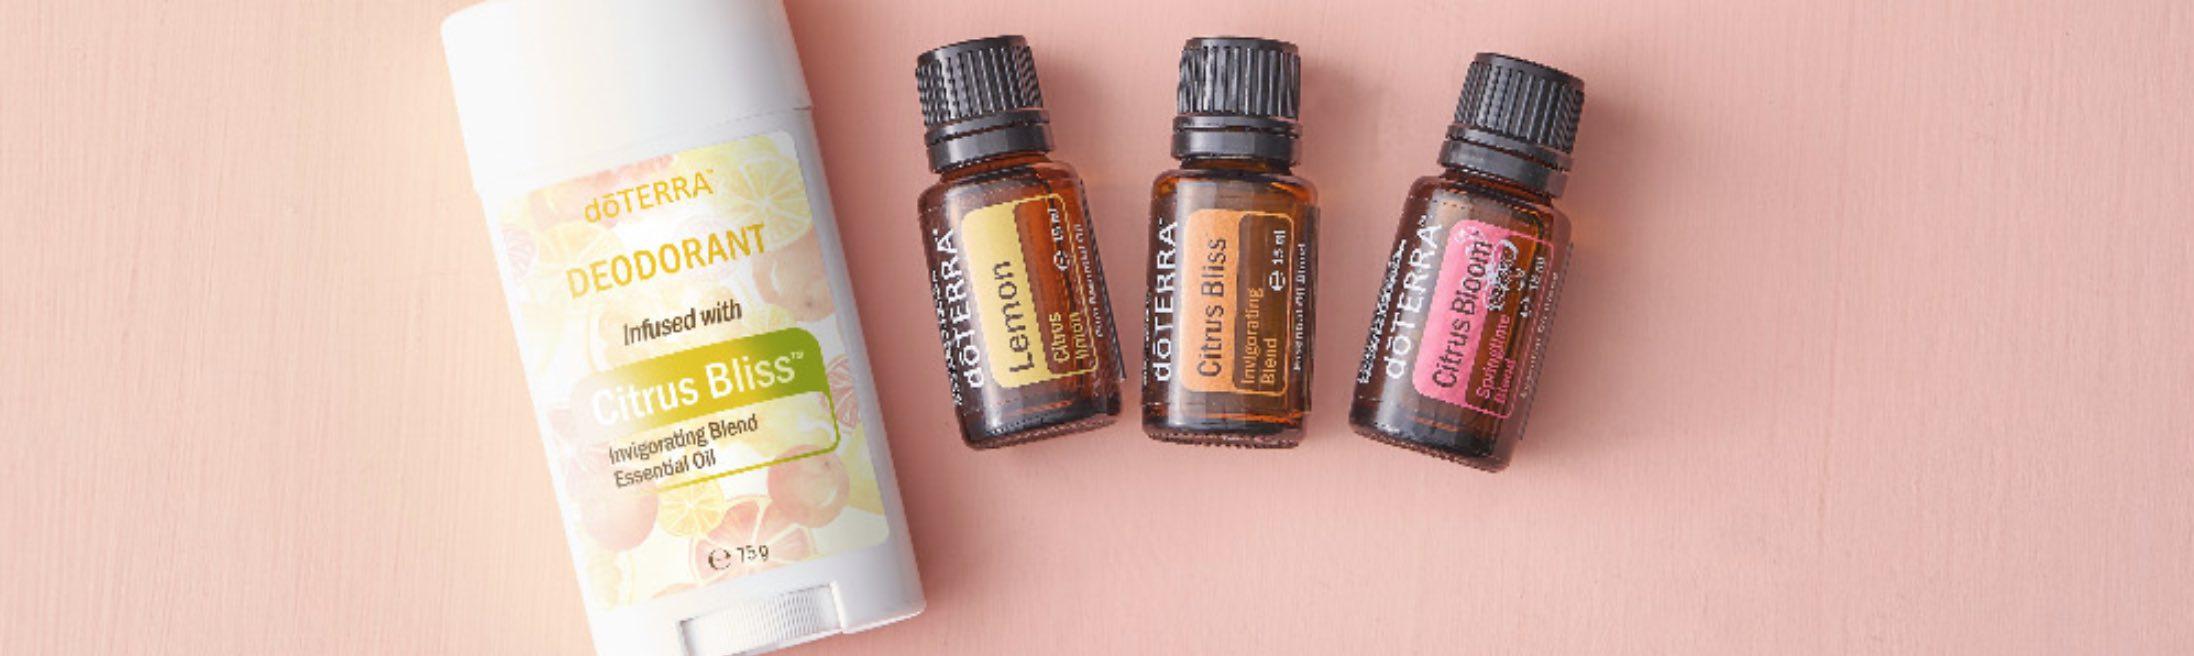 aceites esenciales, compra online ahora en aceitedeoliva.com